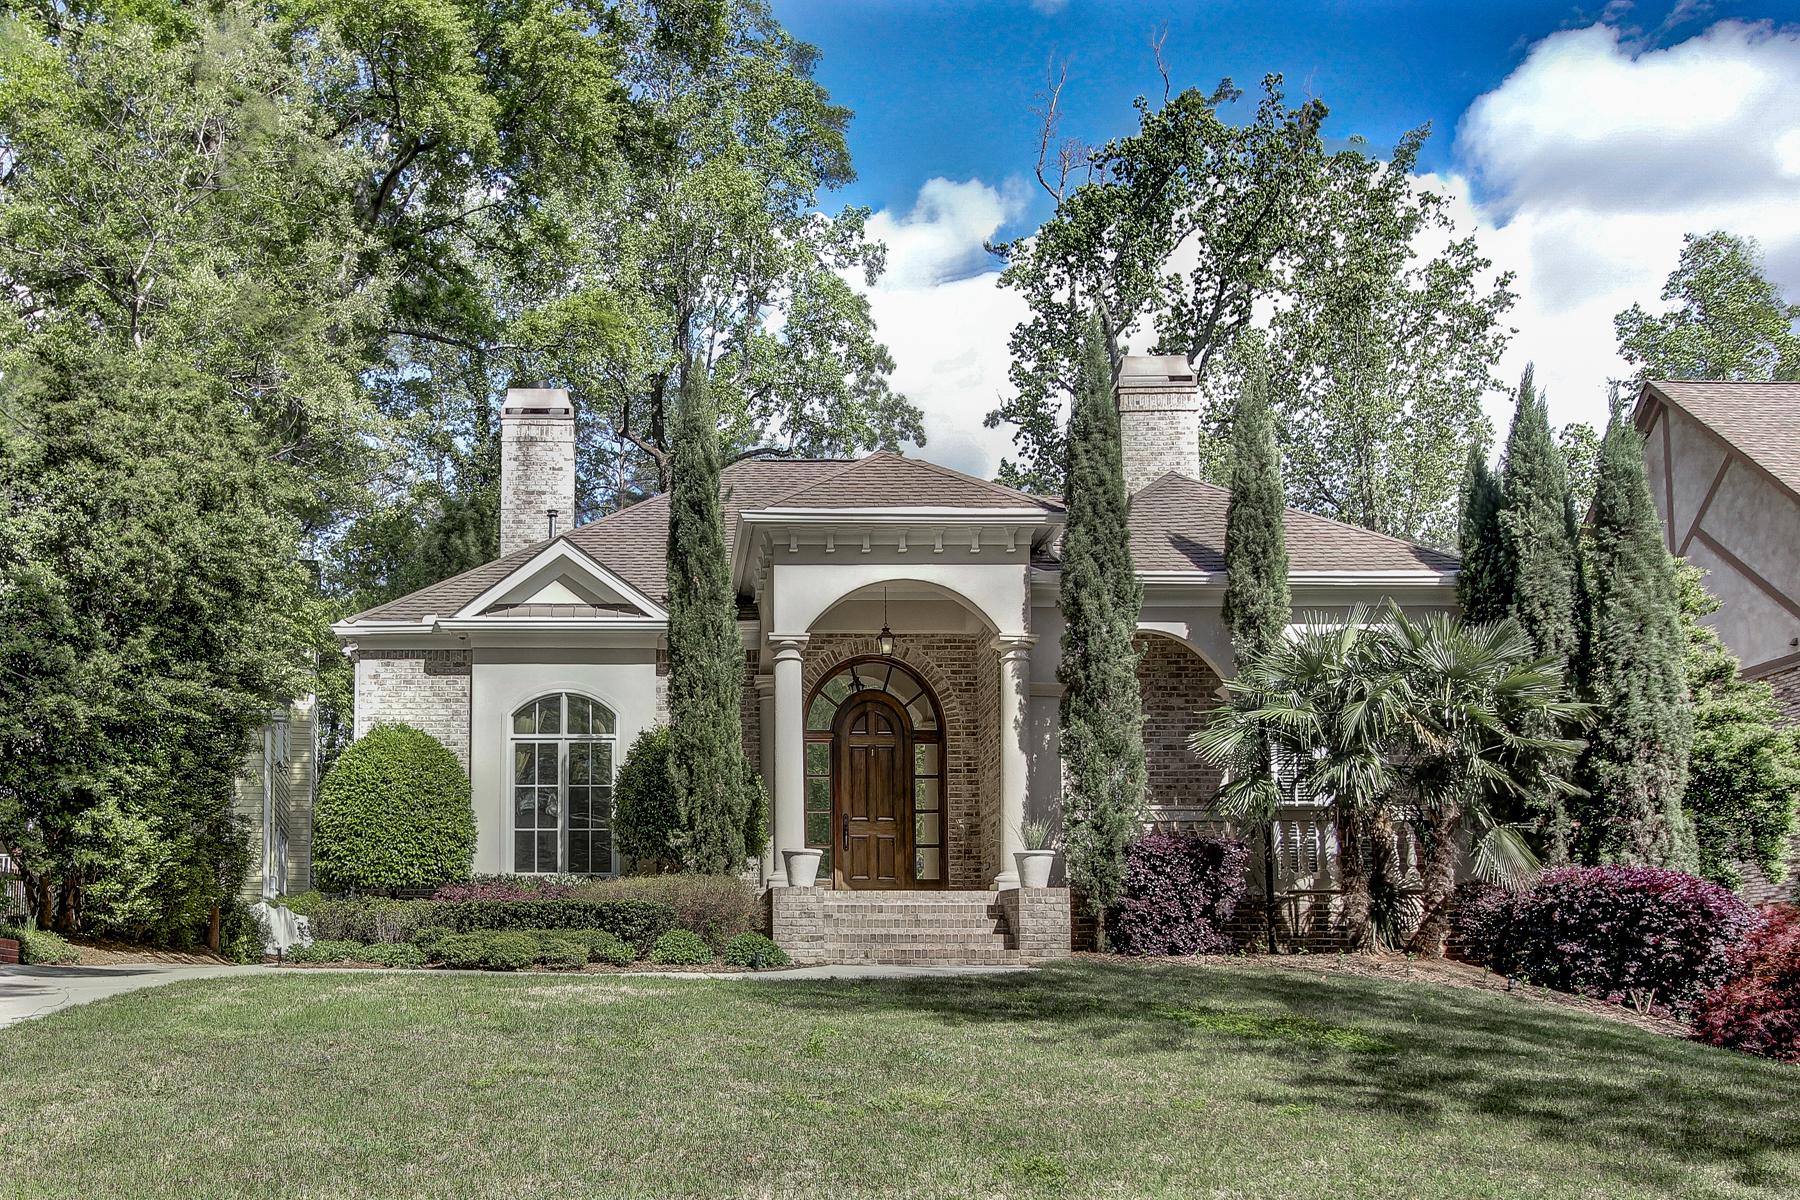 Частный односемейный дом для того Аренда на Beautiful Buckhead Masterpiece 4169 Carmain Drive NE Buckhead, Atlanta, Джорджия, 30342 Соединенные Штаты